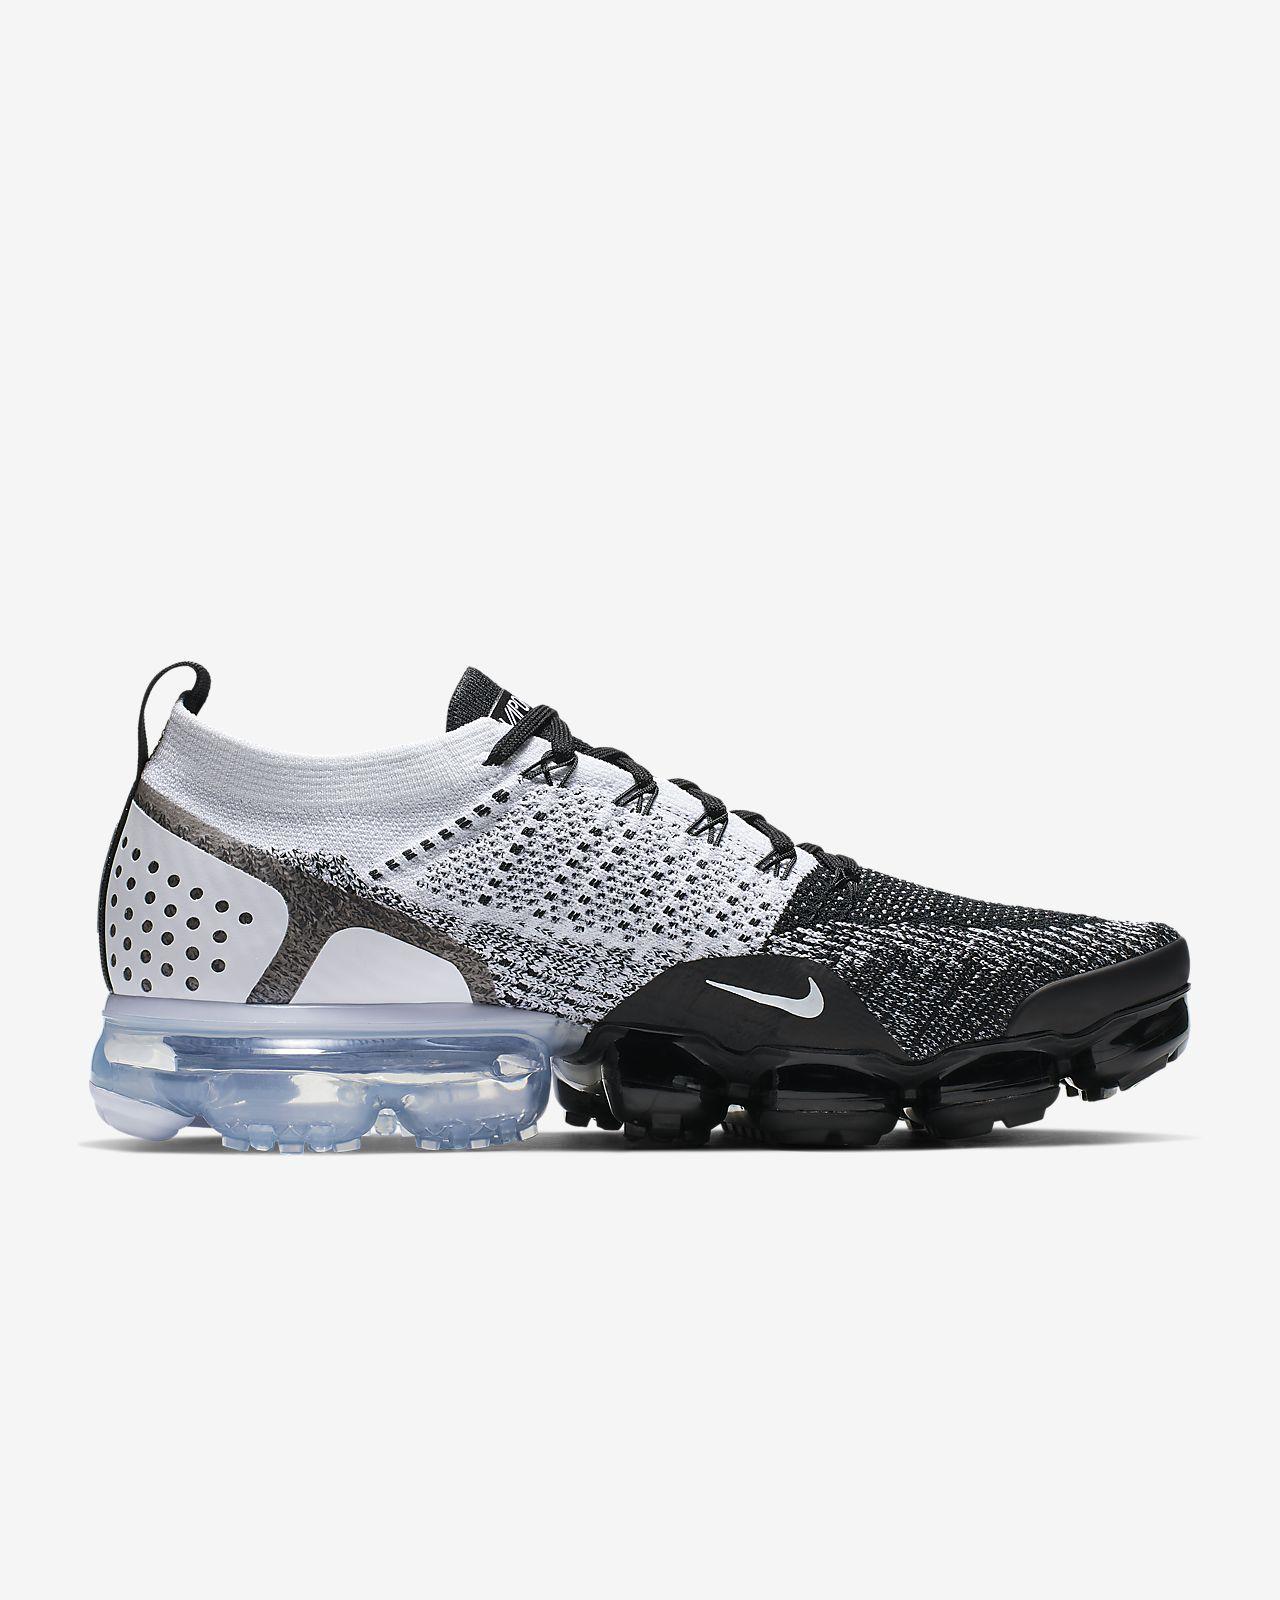 promo code f9779 f0dc7 ... Nike Air VaporMax Flyknit 2 Shoe